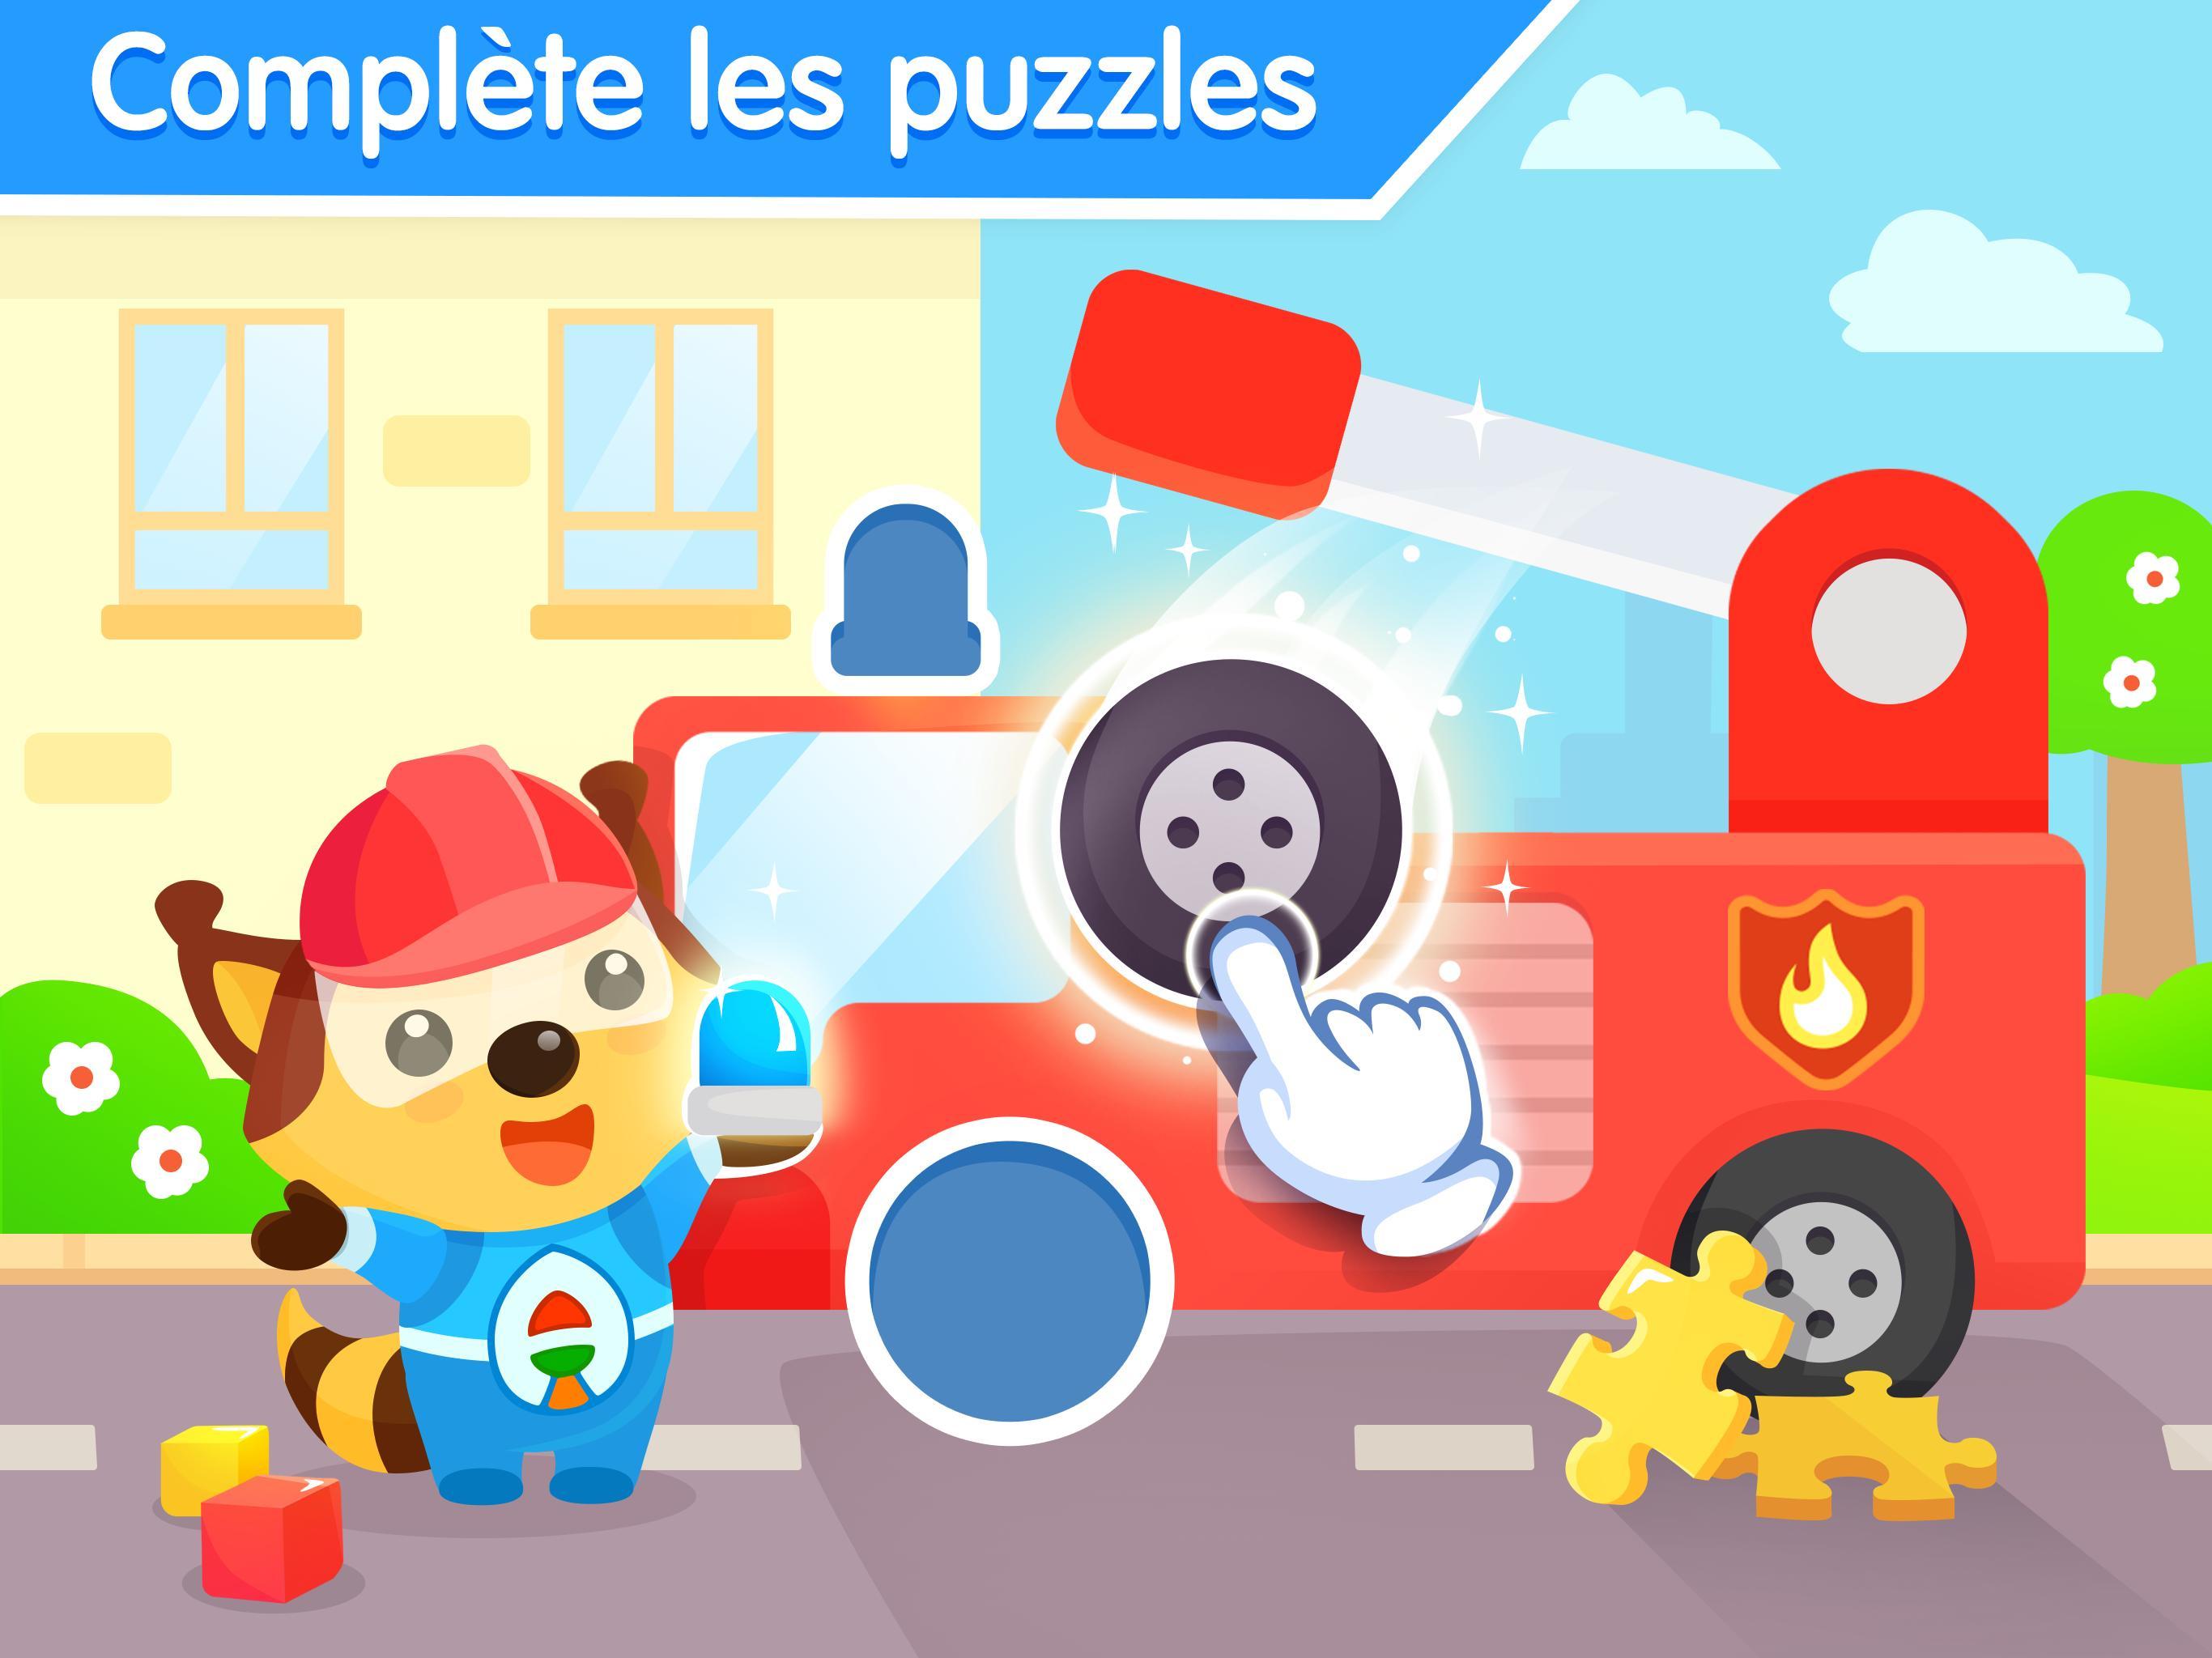 Jeux De Puzzle Pour Bebe 3 Ans - Jeu Éducatif Pour Android encequiconcerne Jeux Educatif 3 Ans